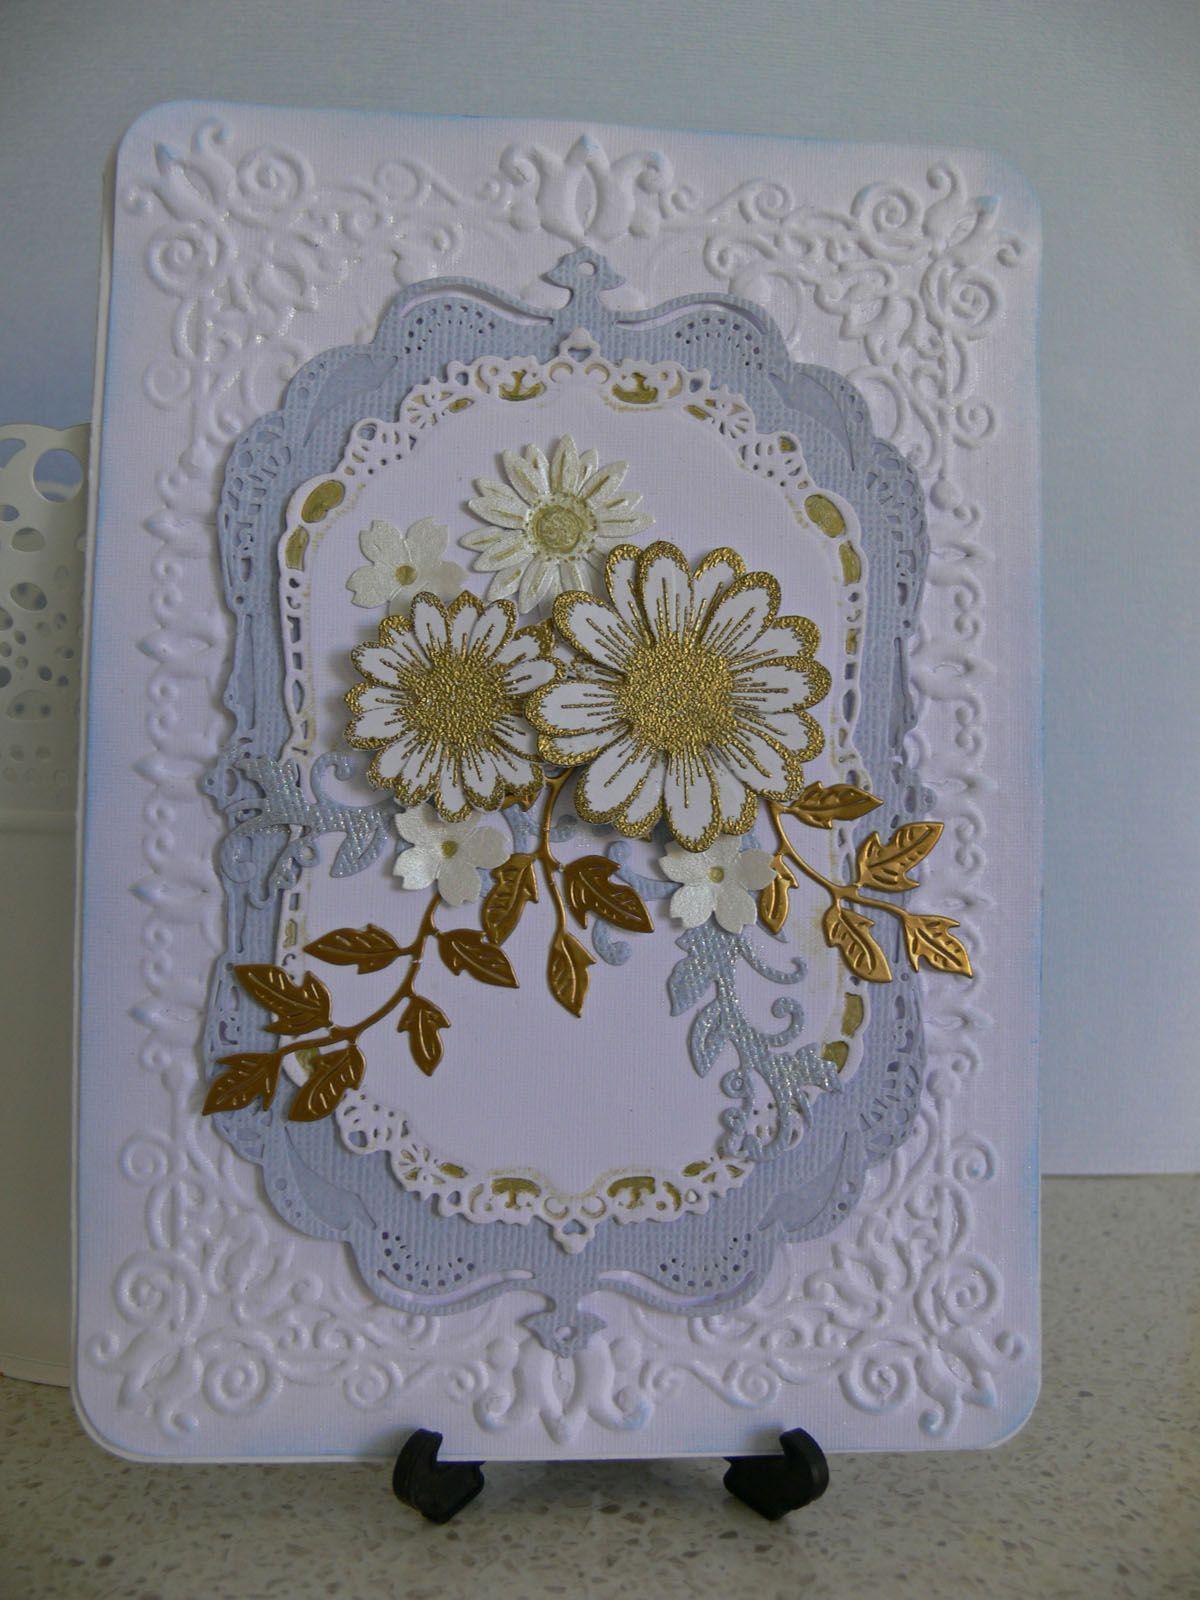 Spellbinders DIES Flourish Tags Die Cutters Card Making